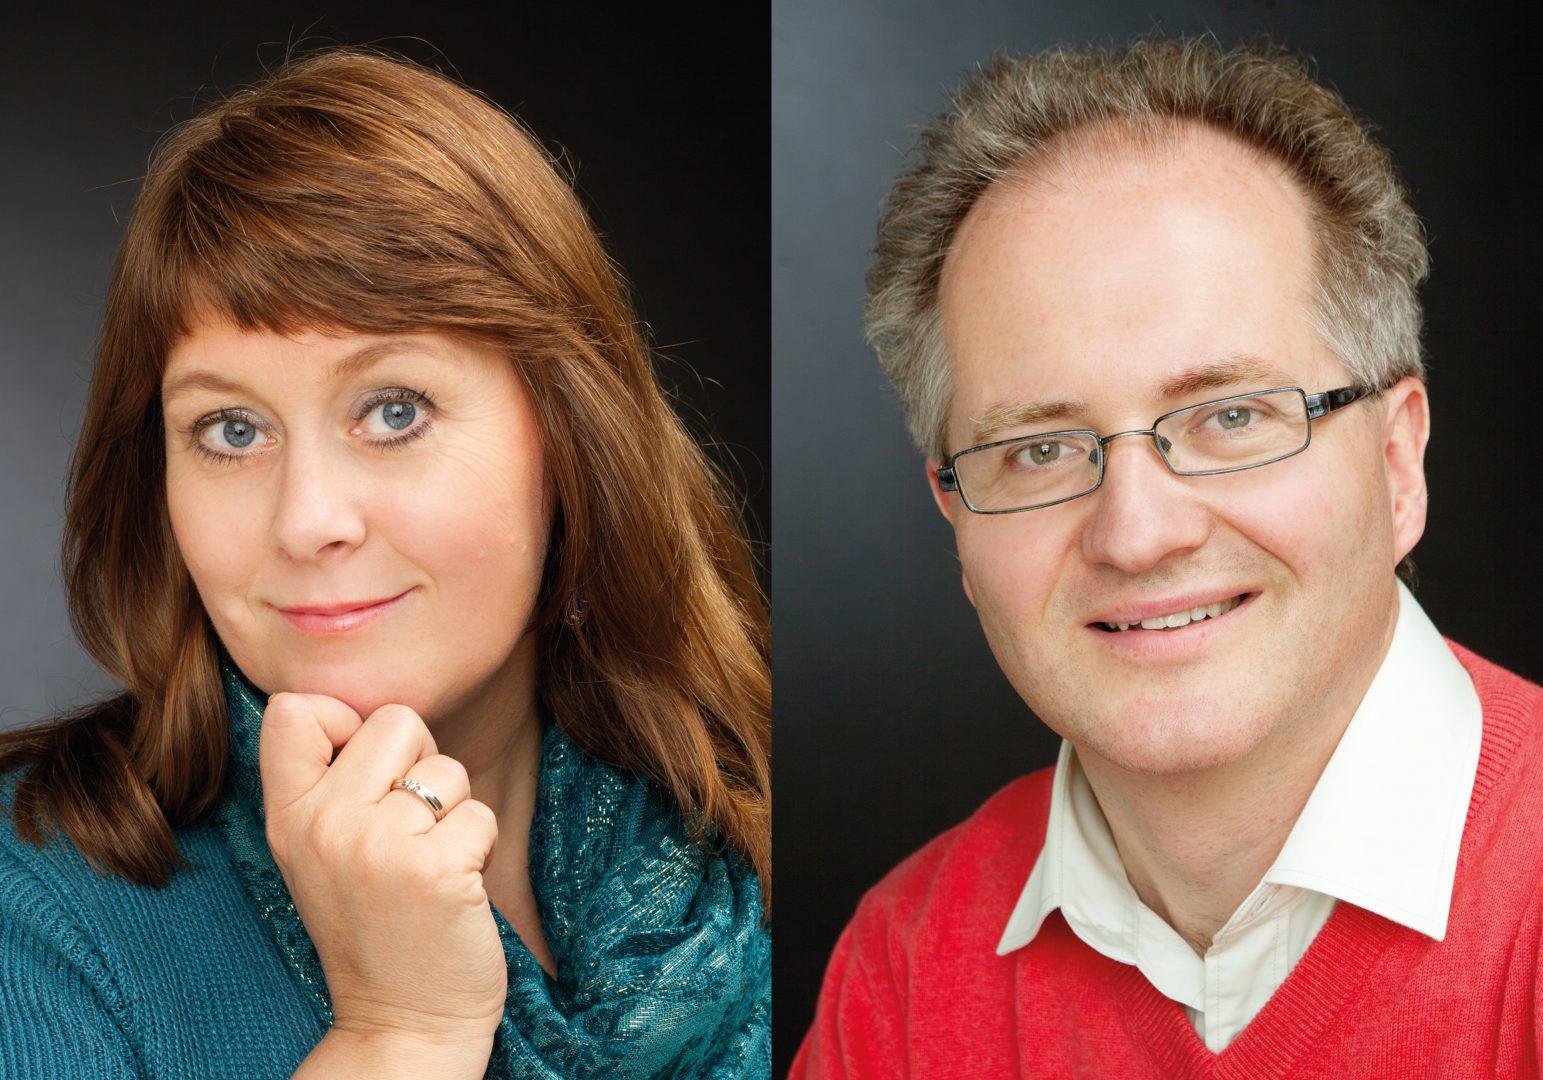 Anne Mette Sannes og Knut Jørgen Røed Ødegaard. FOTO: http://www.starship.no/pages/omoss.html